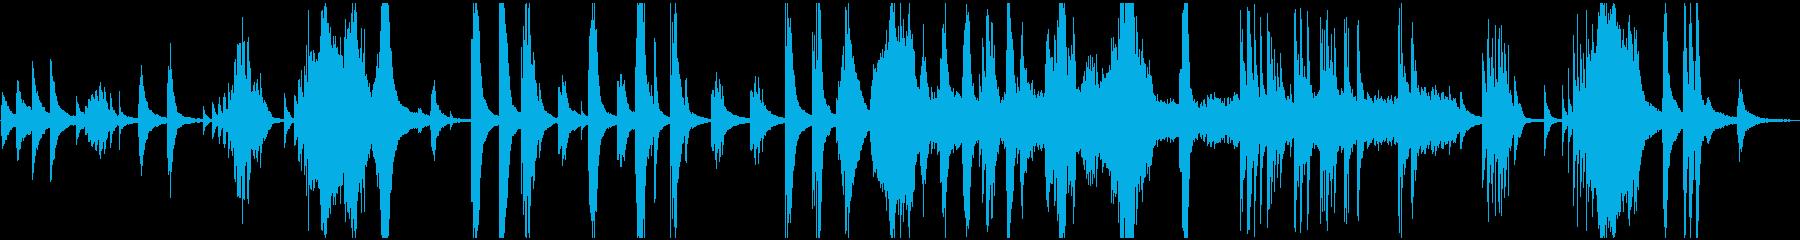 しとやかで優美な和風BGMの再生済みの波形